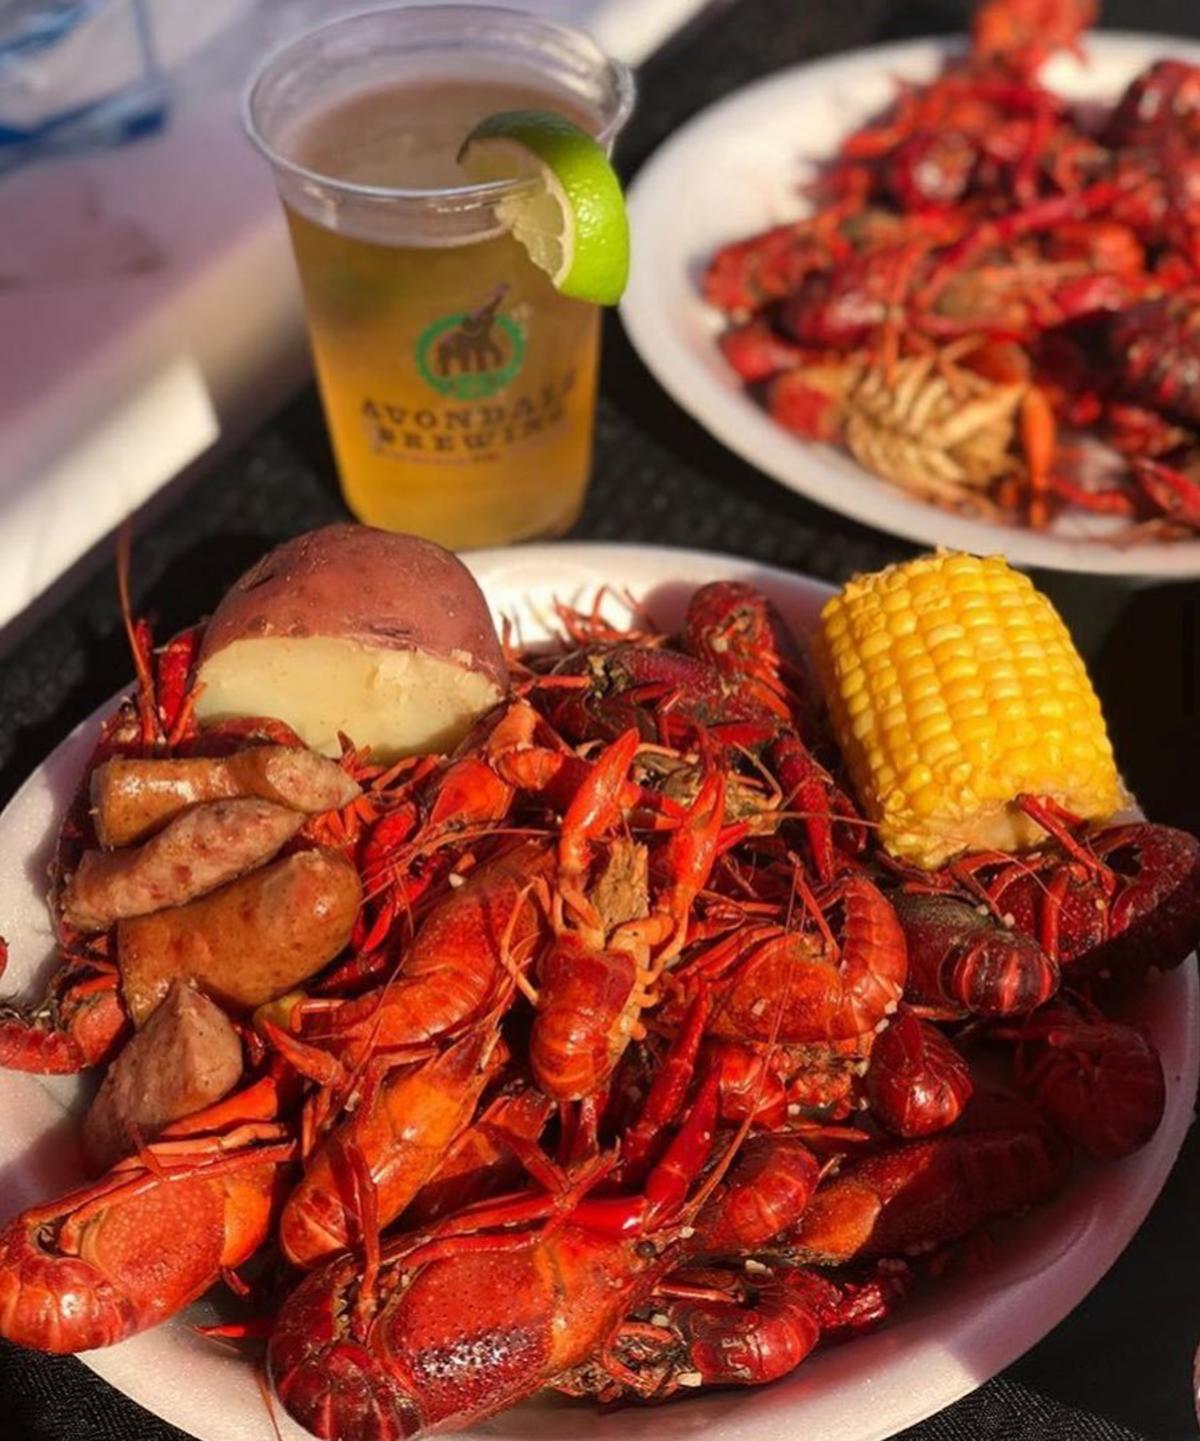 Crawfish boil at Cajun Steamer Bar & Grill in Huntsville